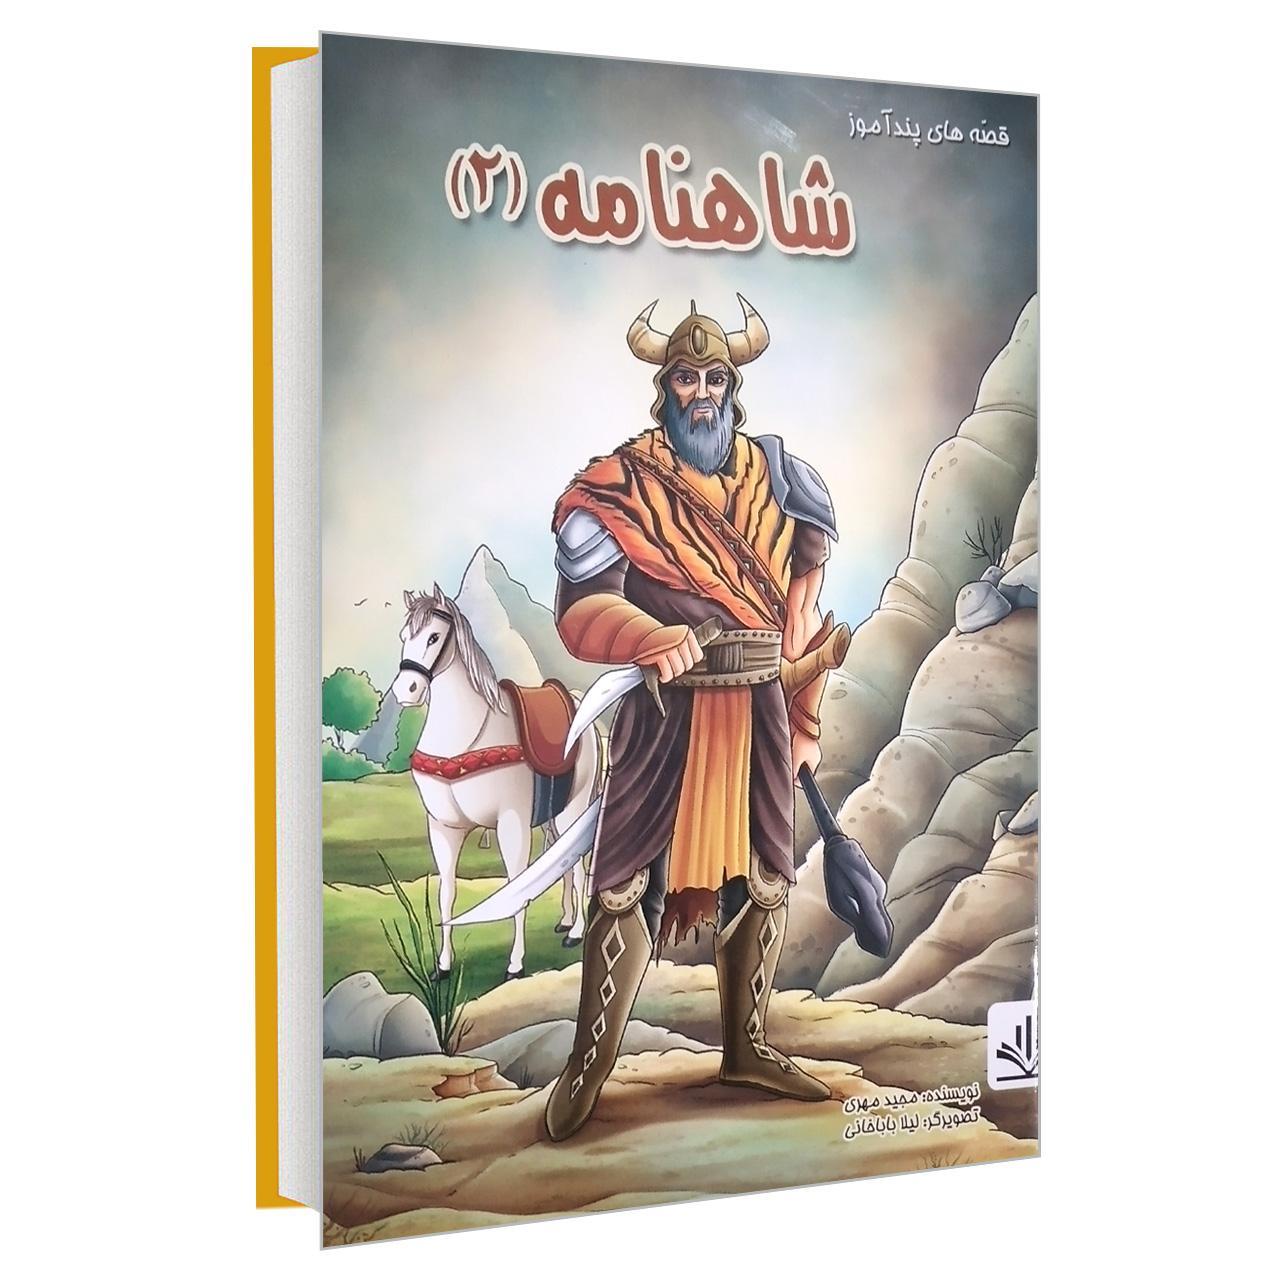 کتاب قصه های پند آموز شاهنامه (2) اثر مجید مهری انتشارات الینا